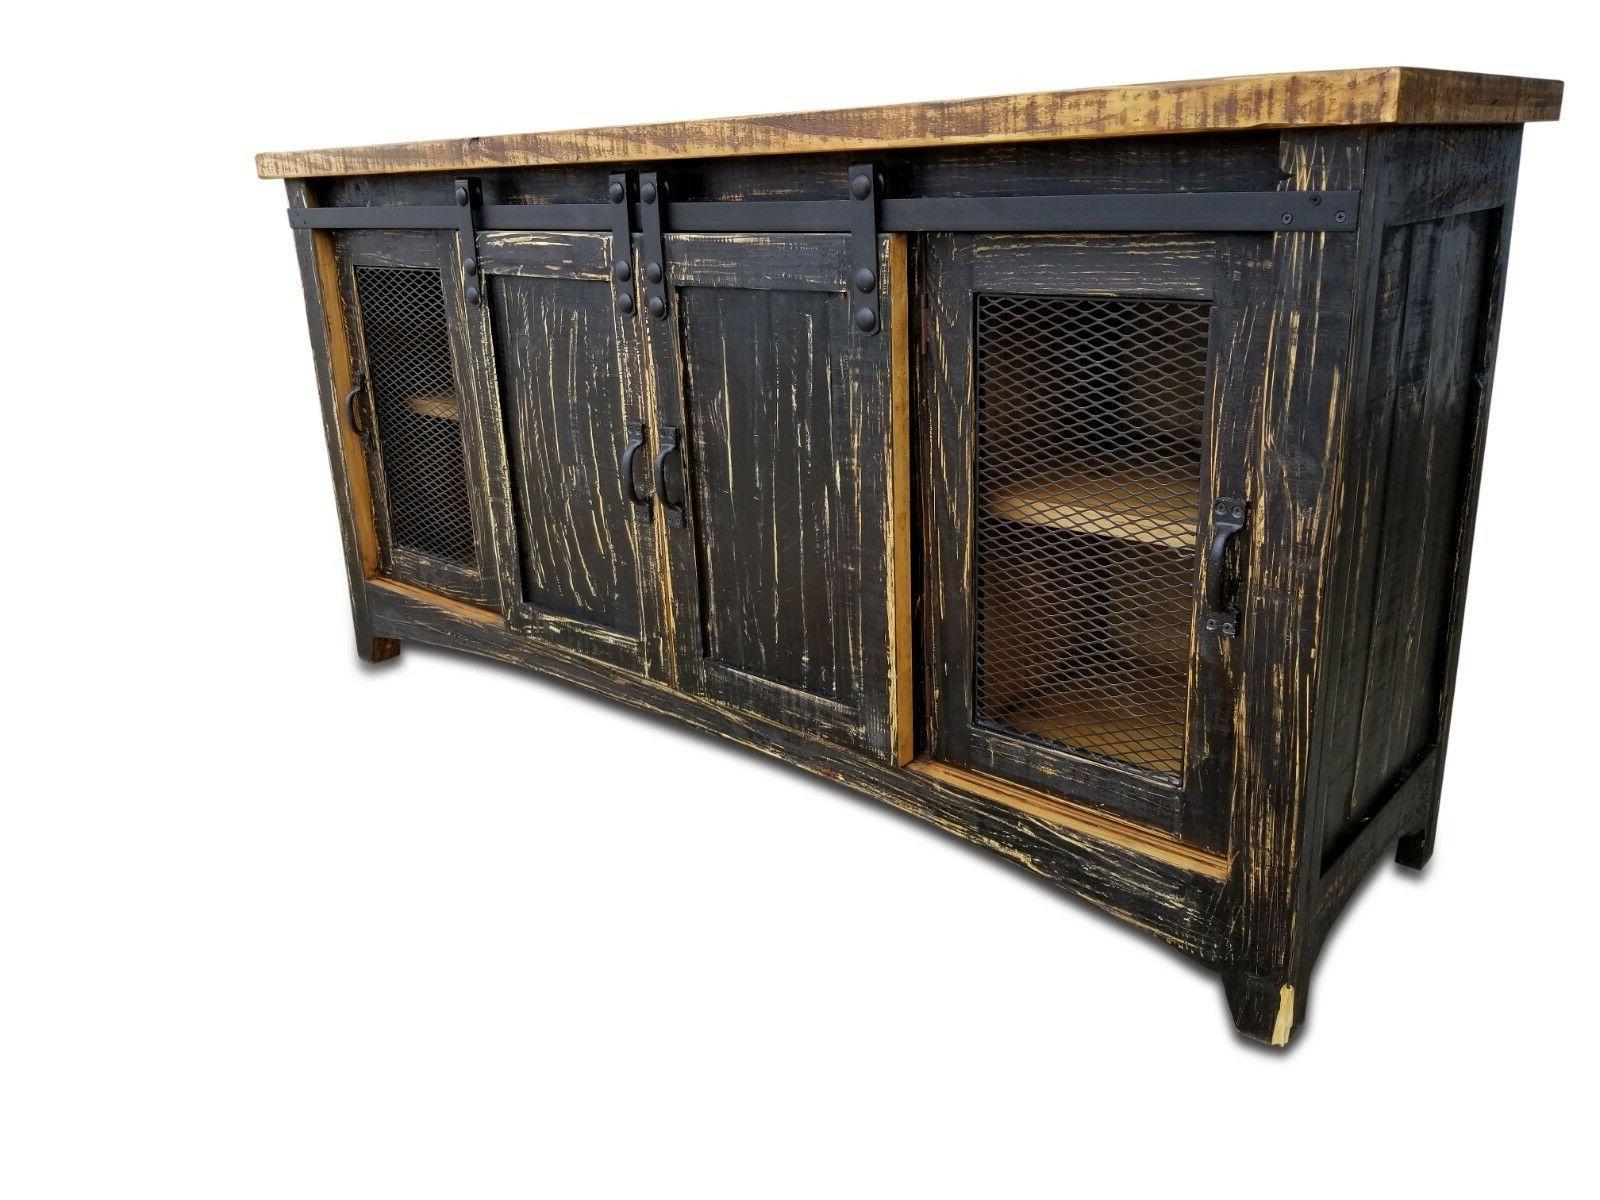 72 inch barn door style tv stand